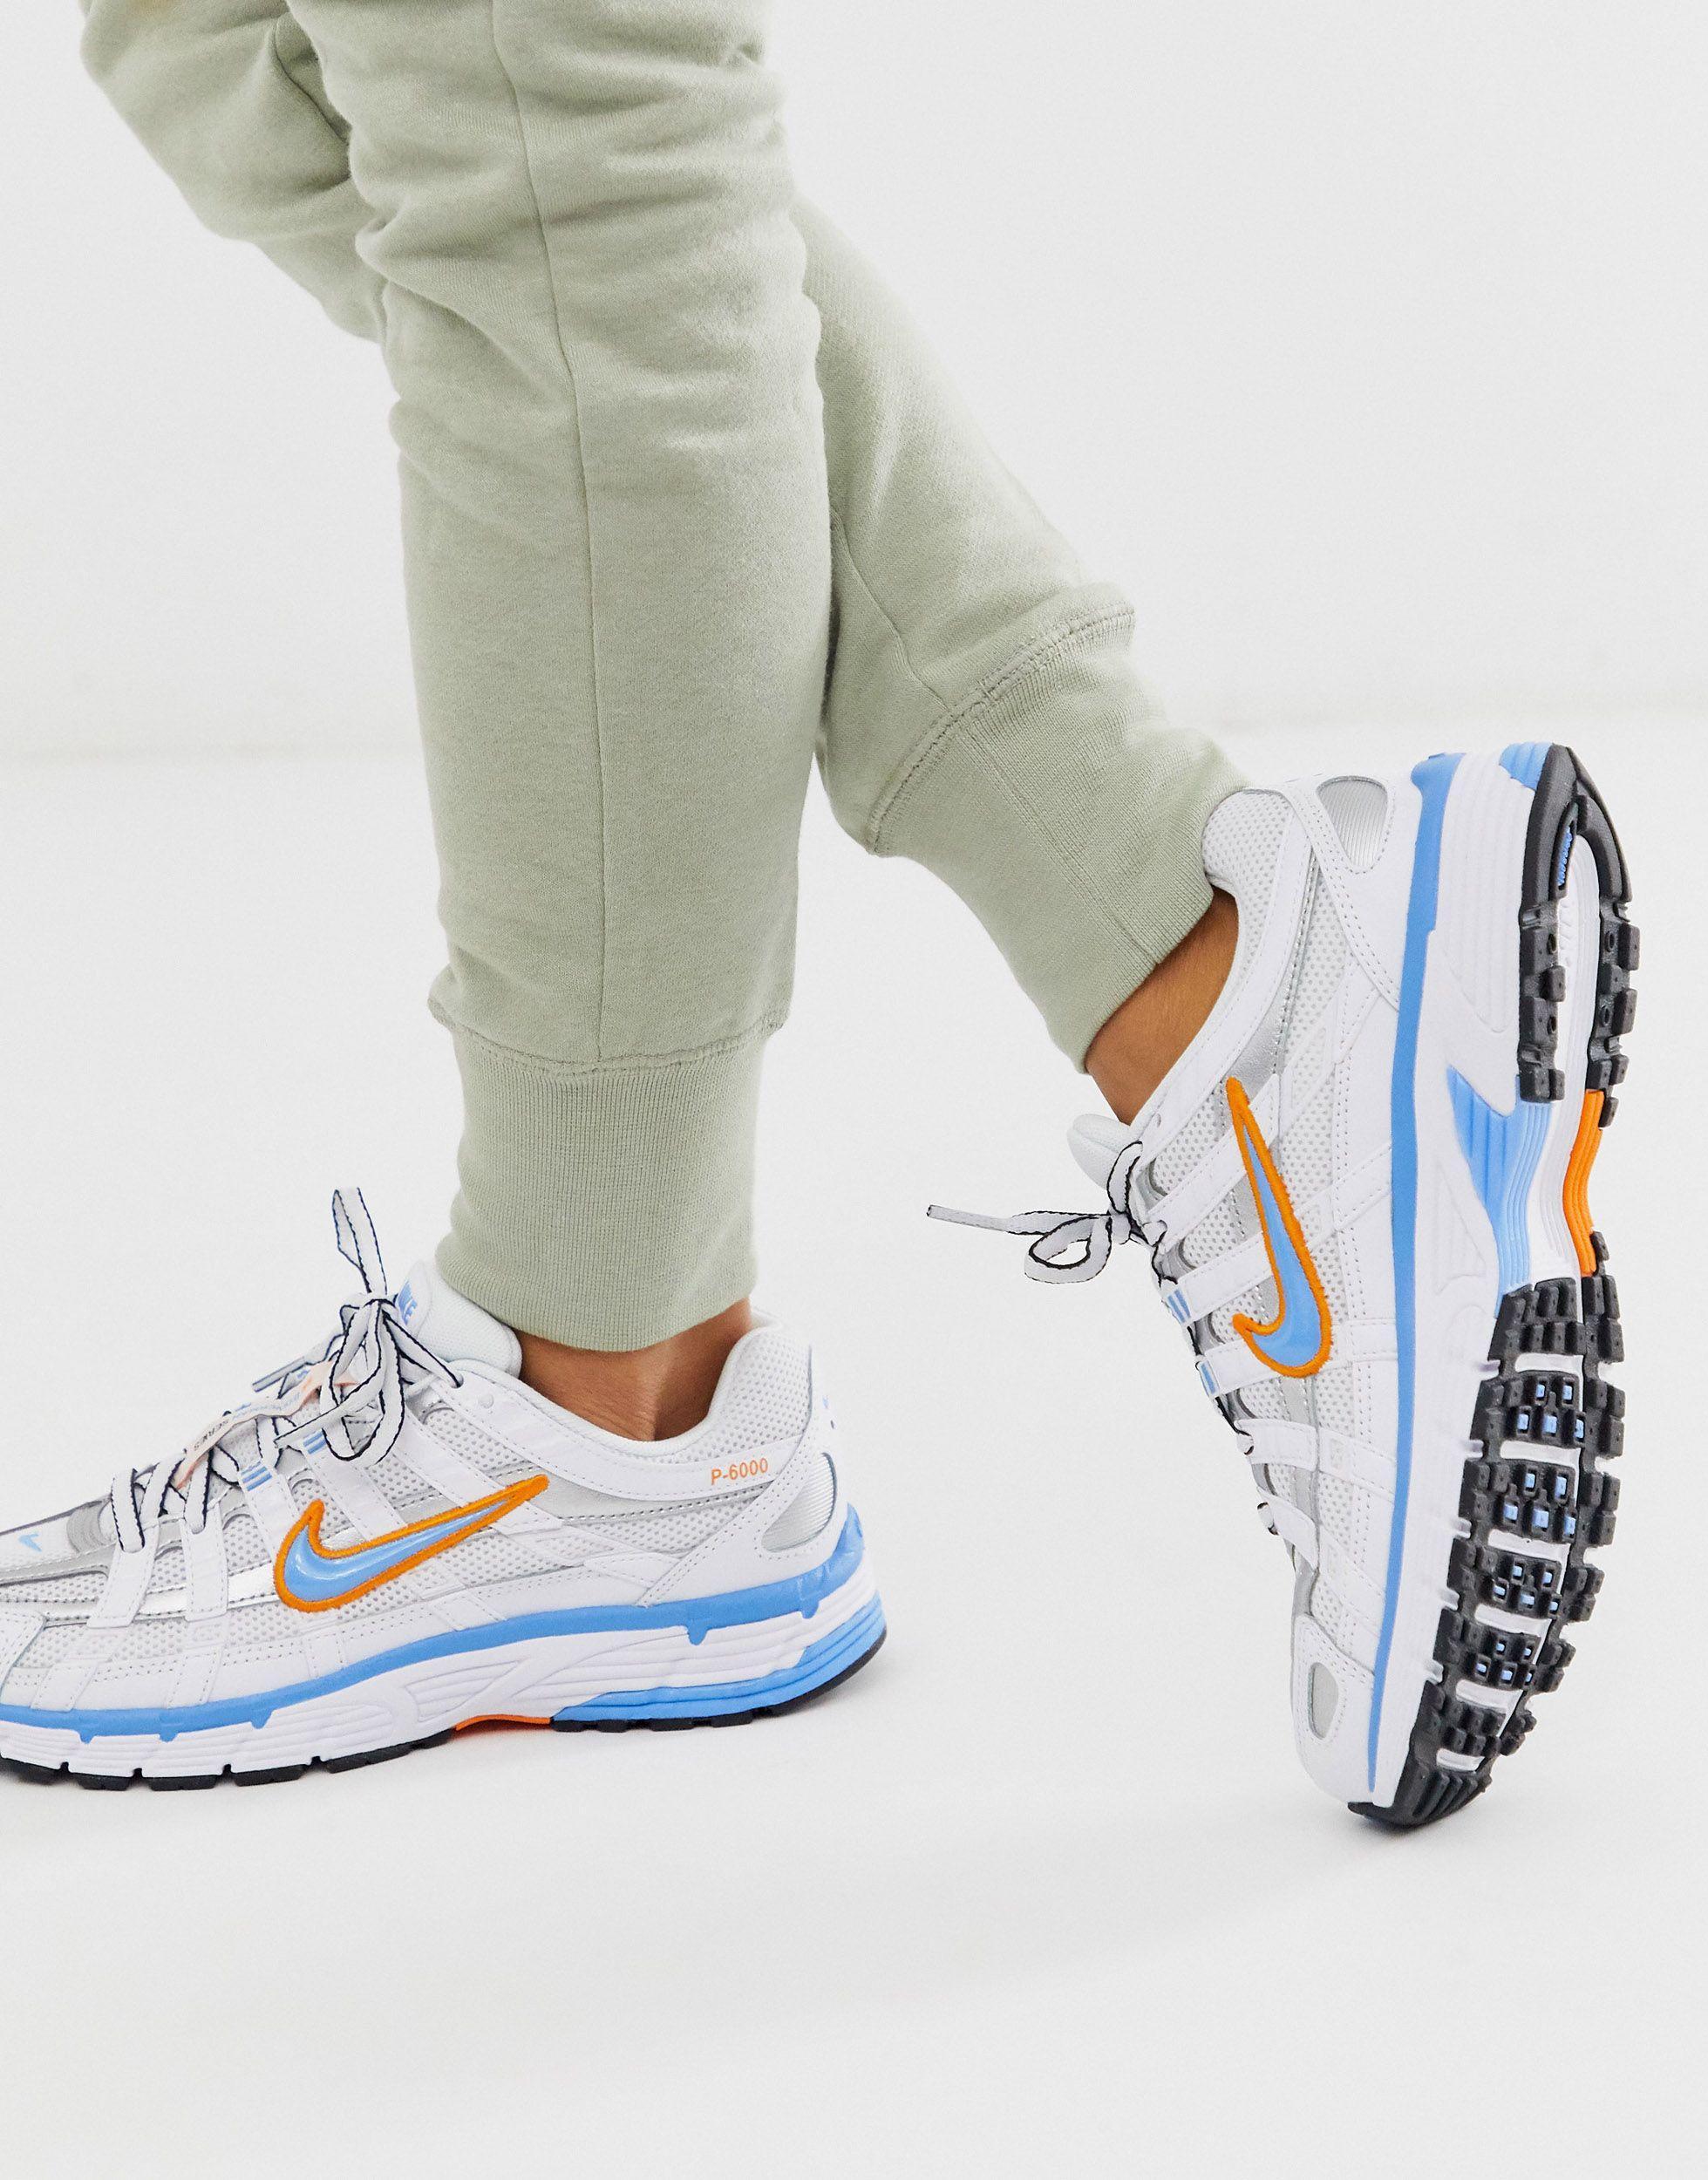 P-6000 - Baskets - et bleu métallisé Caoutchouc Nike en coloris ...